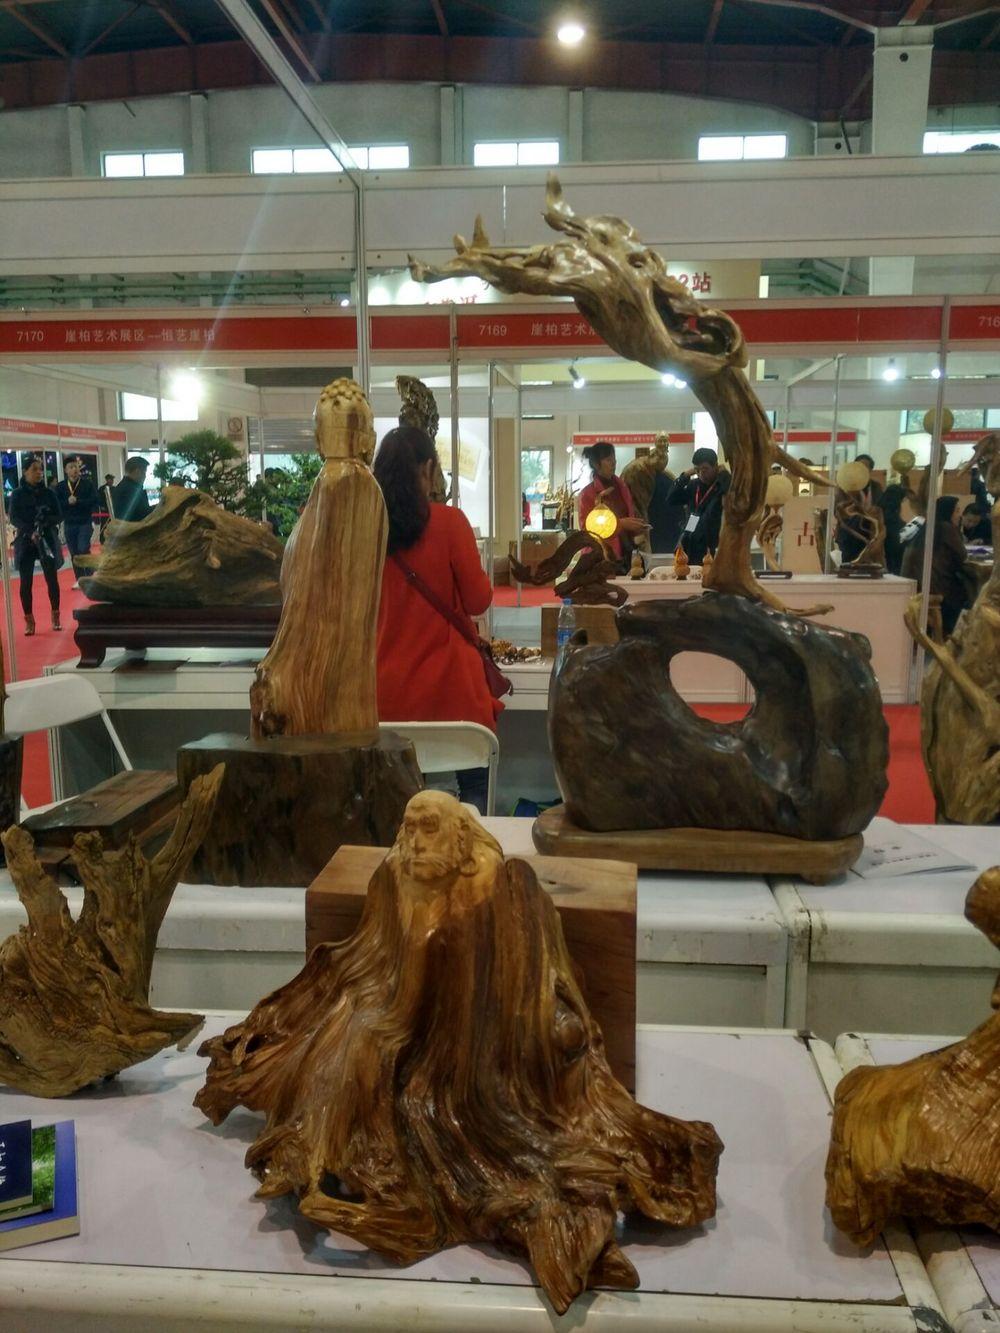 2018北京茶文化展时间丶地点丶看点及安排: